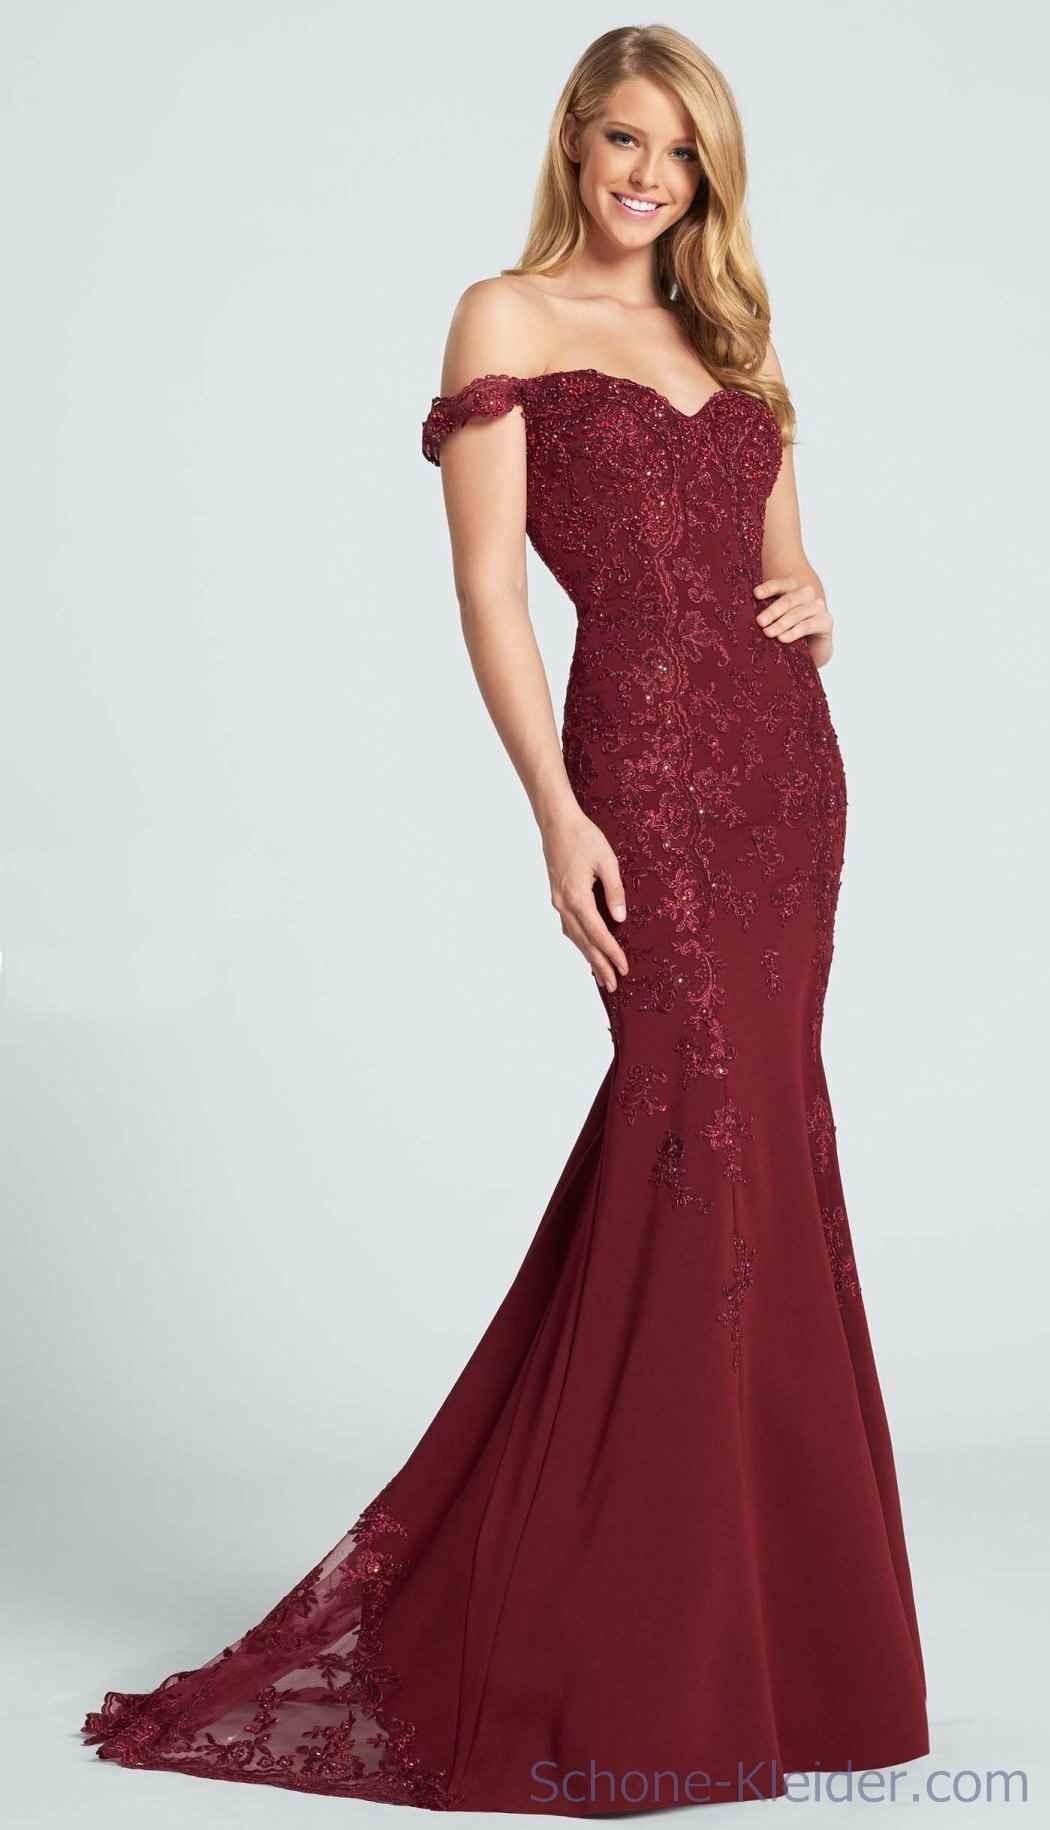 15 Luxus Abendkleid Abendmode ÄrmelDesigner Genial Abendkleid Abendmode Vertrieb